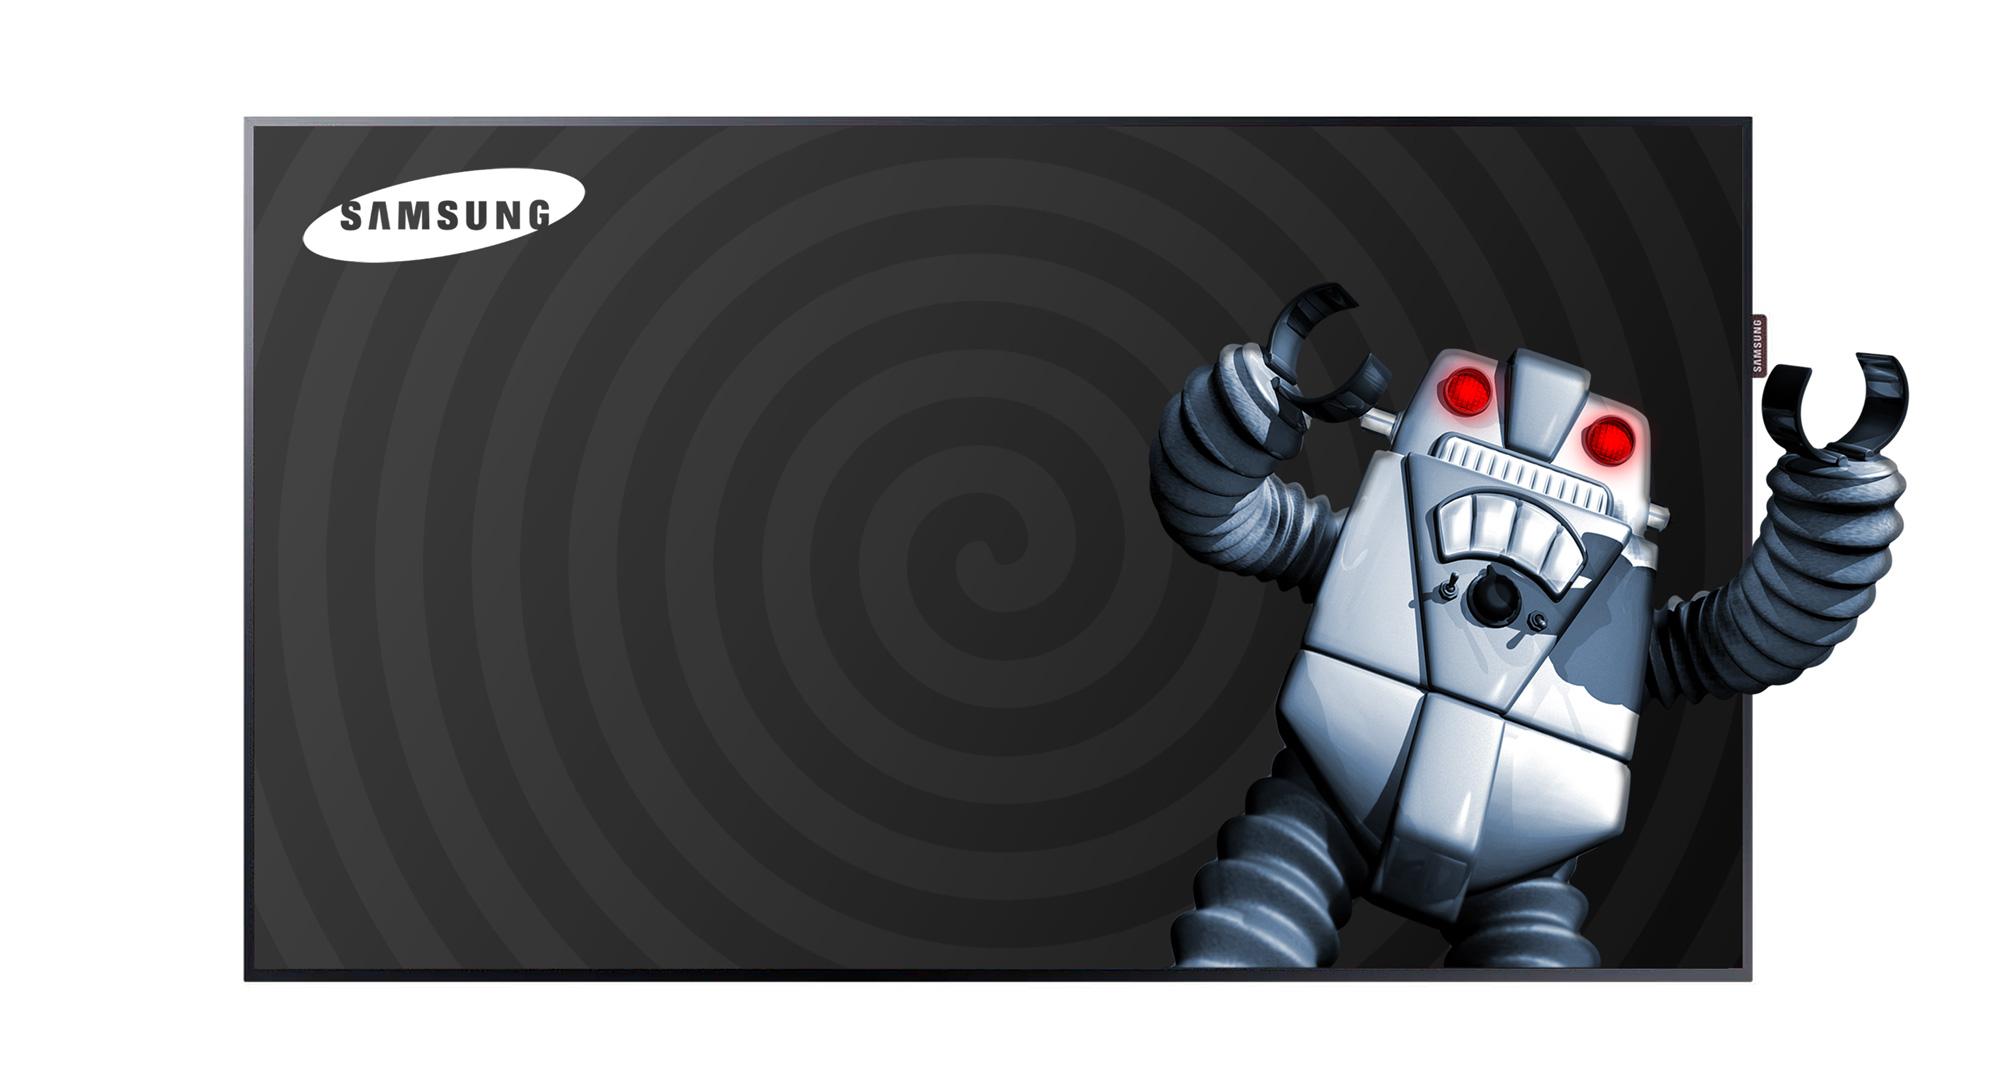 Samsung-PM55F-front-w-robot.jpg